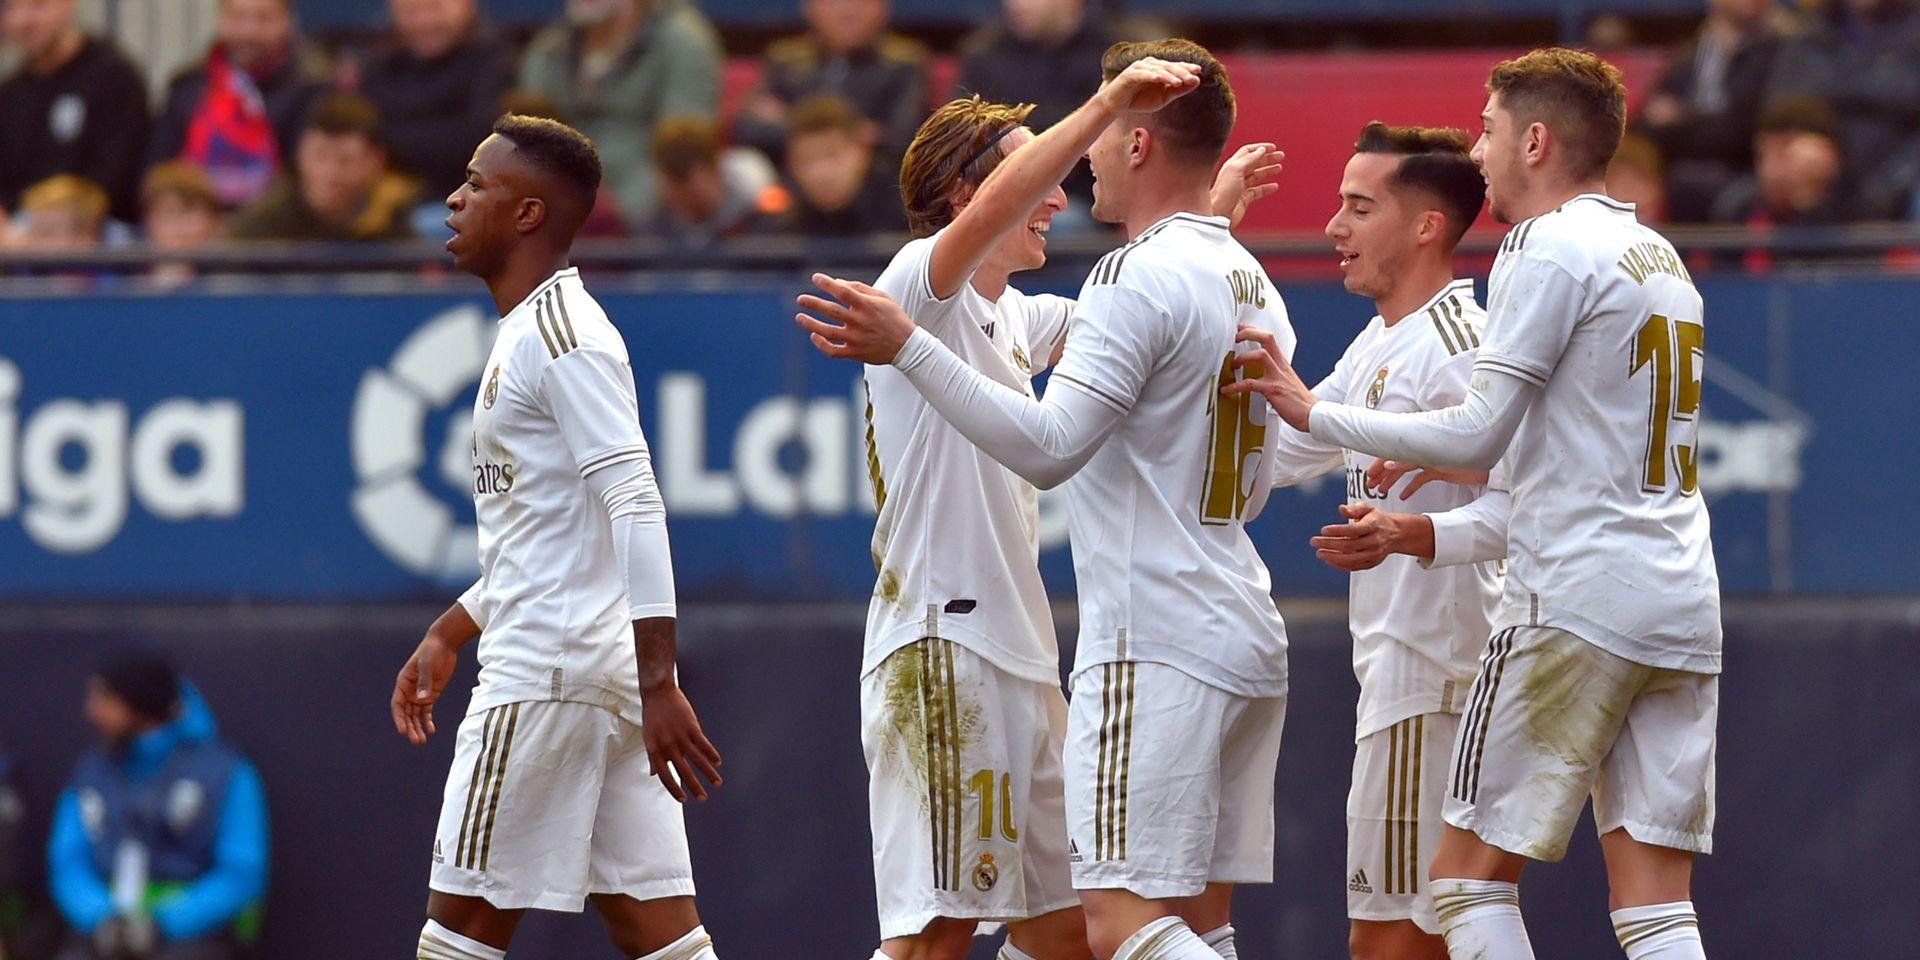 ريال مدريد يدرس الخروج من الأزمة الحالية بتخفيض رواتب نجومه